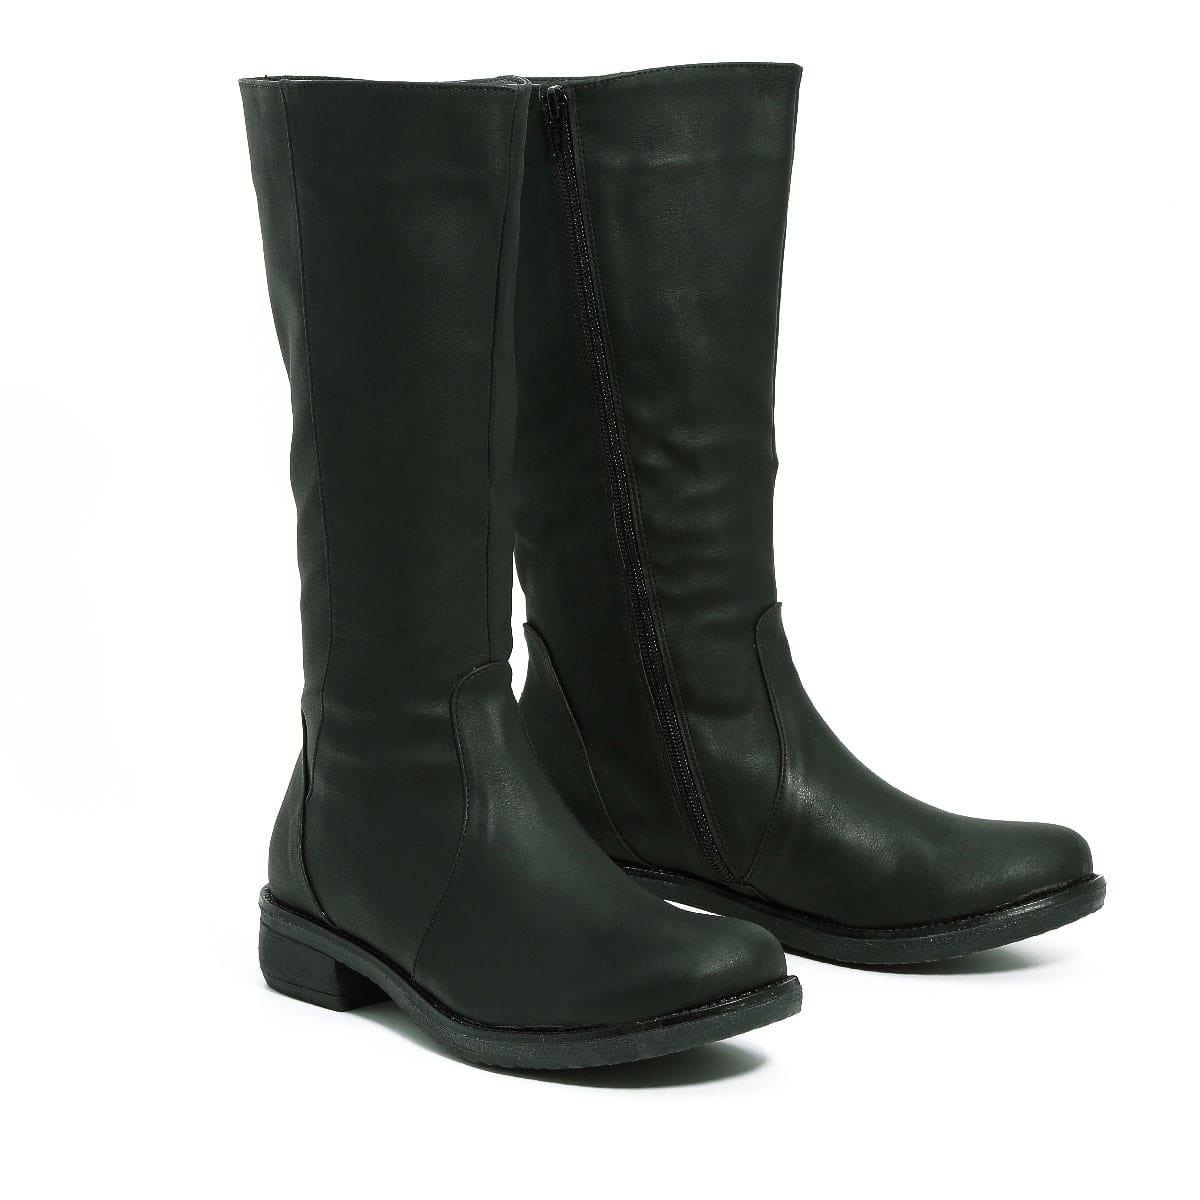 בלעדי לאתר - דגם בל: מגפיים טבעוניים לנשים